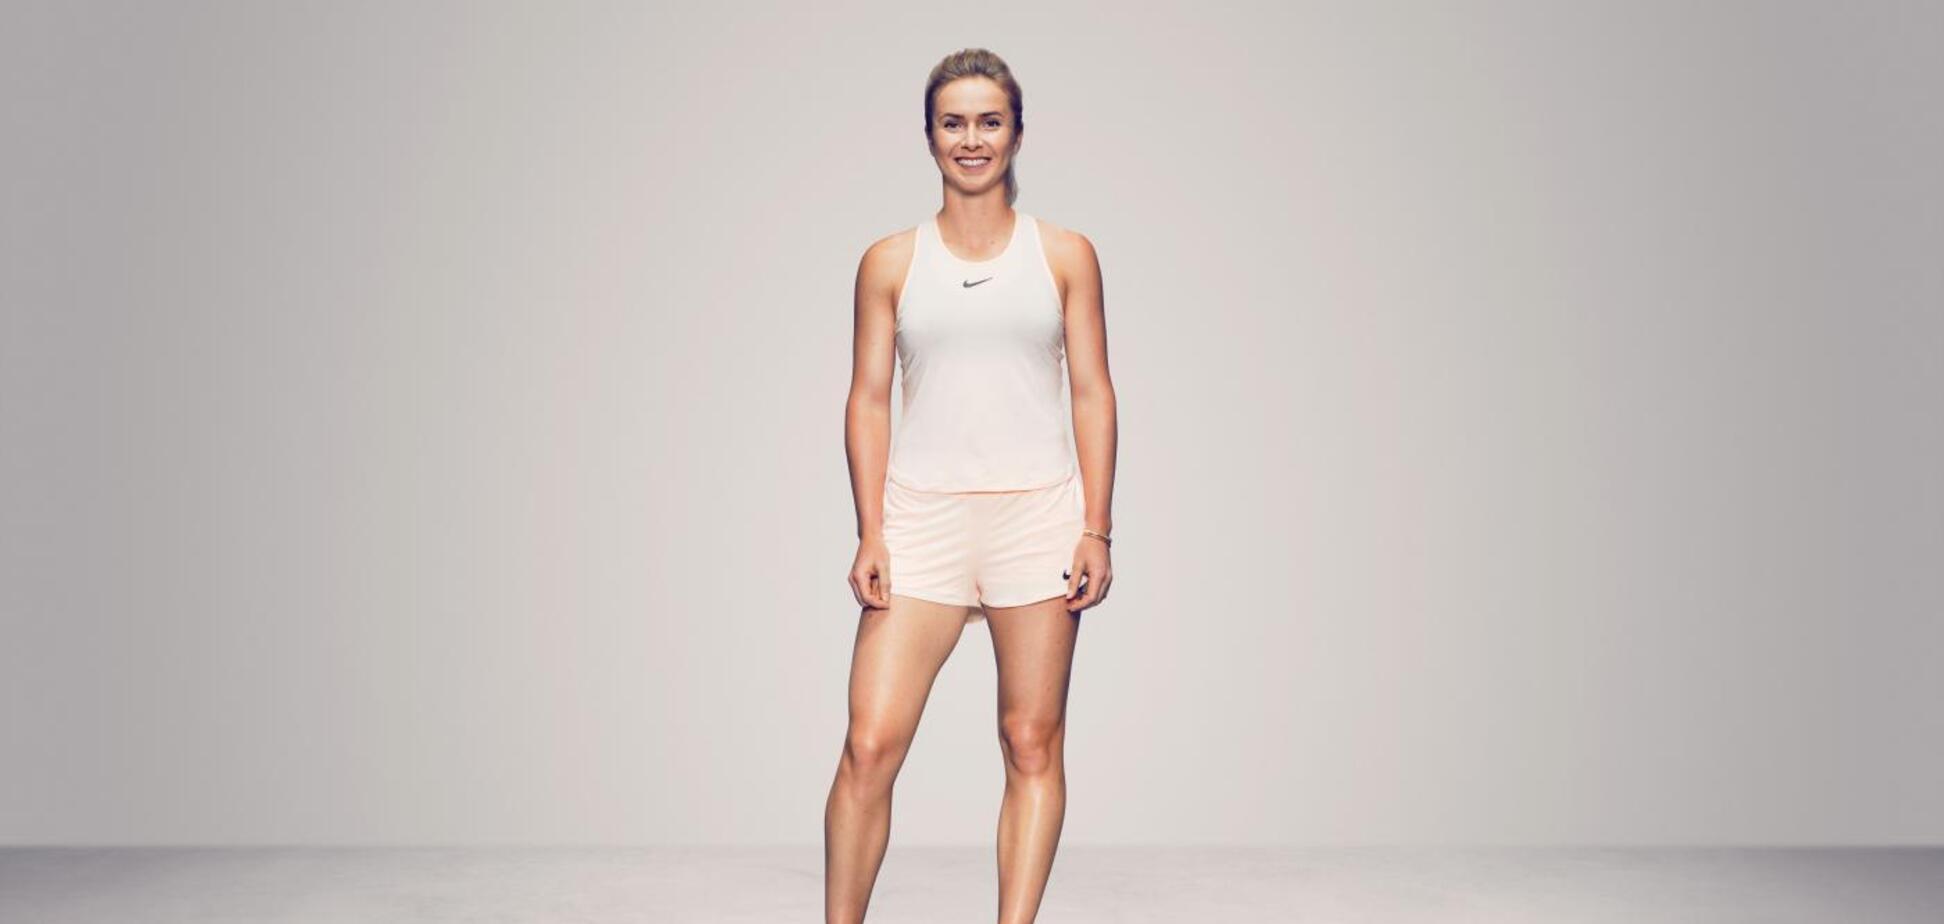 Свитолина снялась в роскошной эксклюзивной фотосессии для WTA